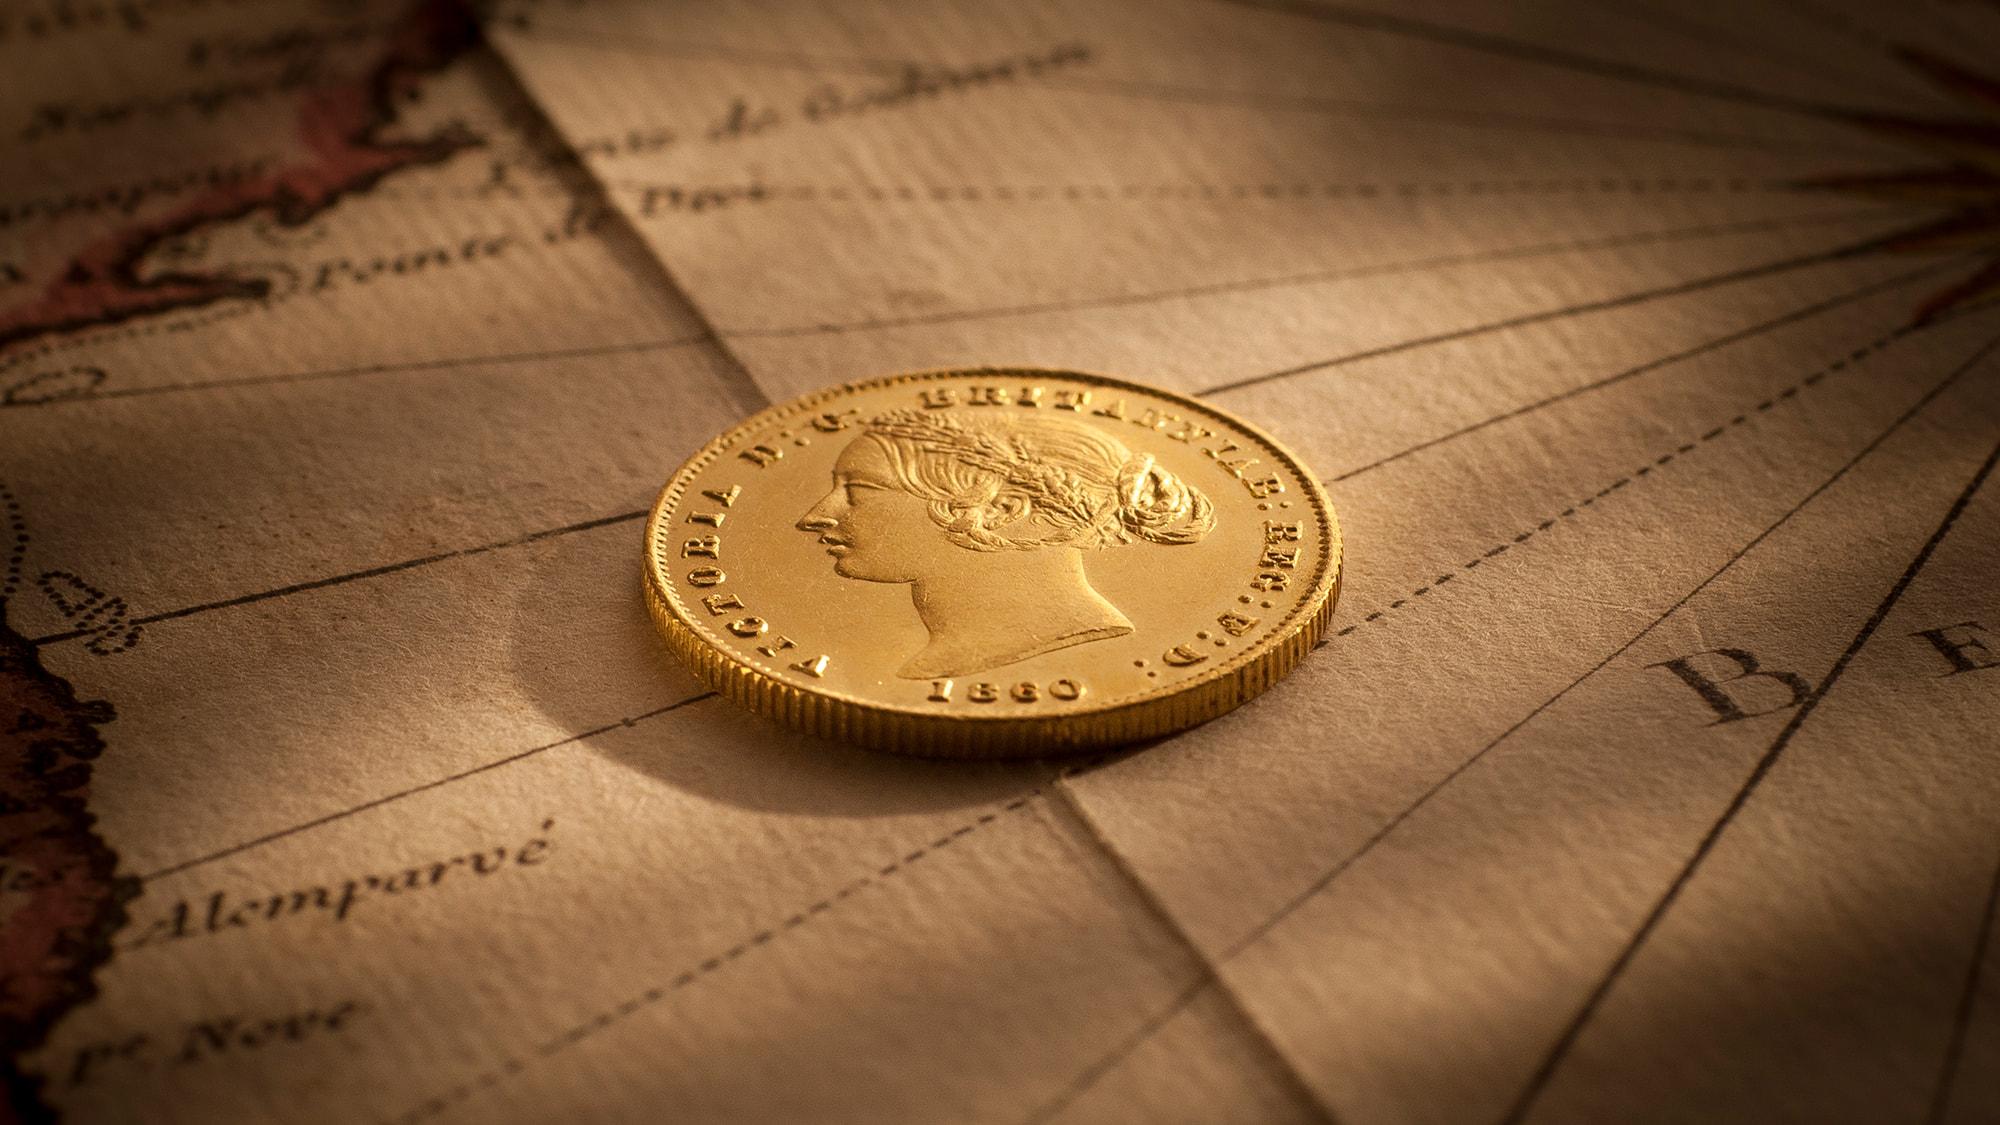 1860-Sydney-Mint-Sovereign-Obv-June-2020